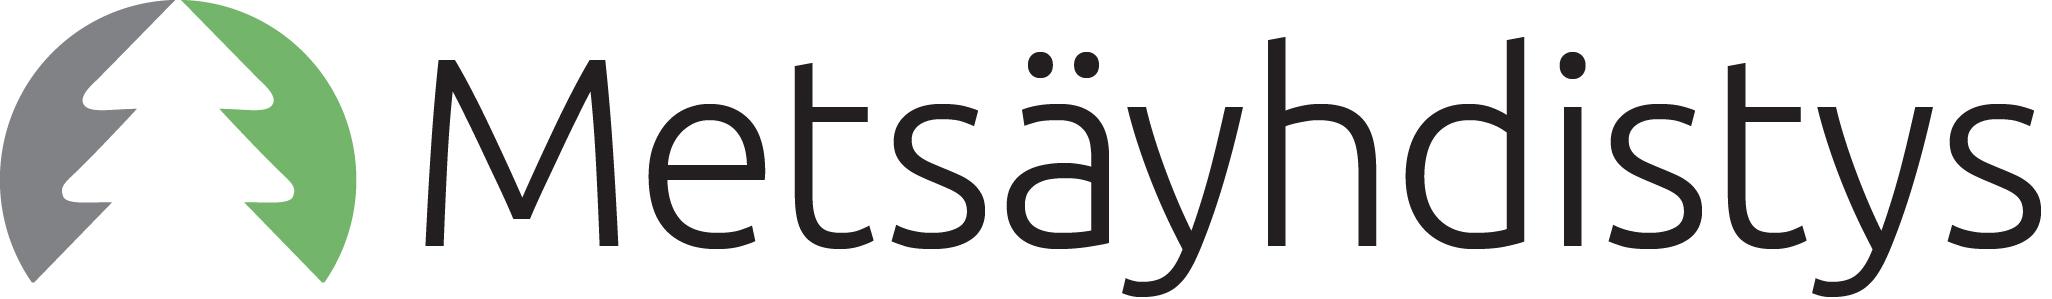 SMY-logo-SUOMI-rgb